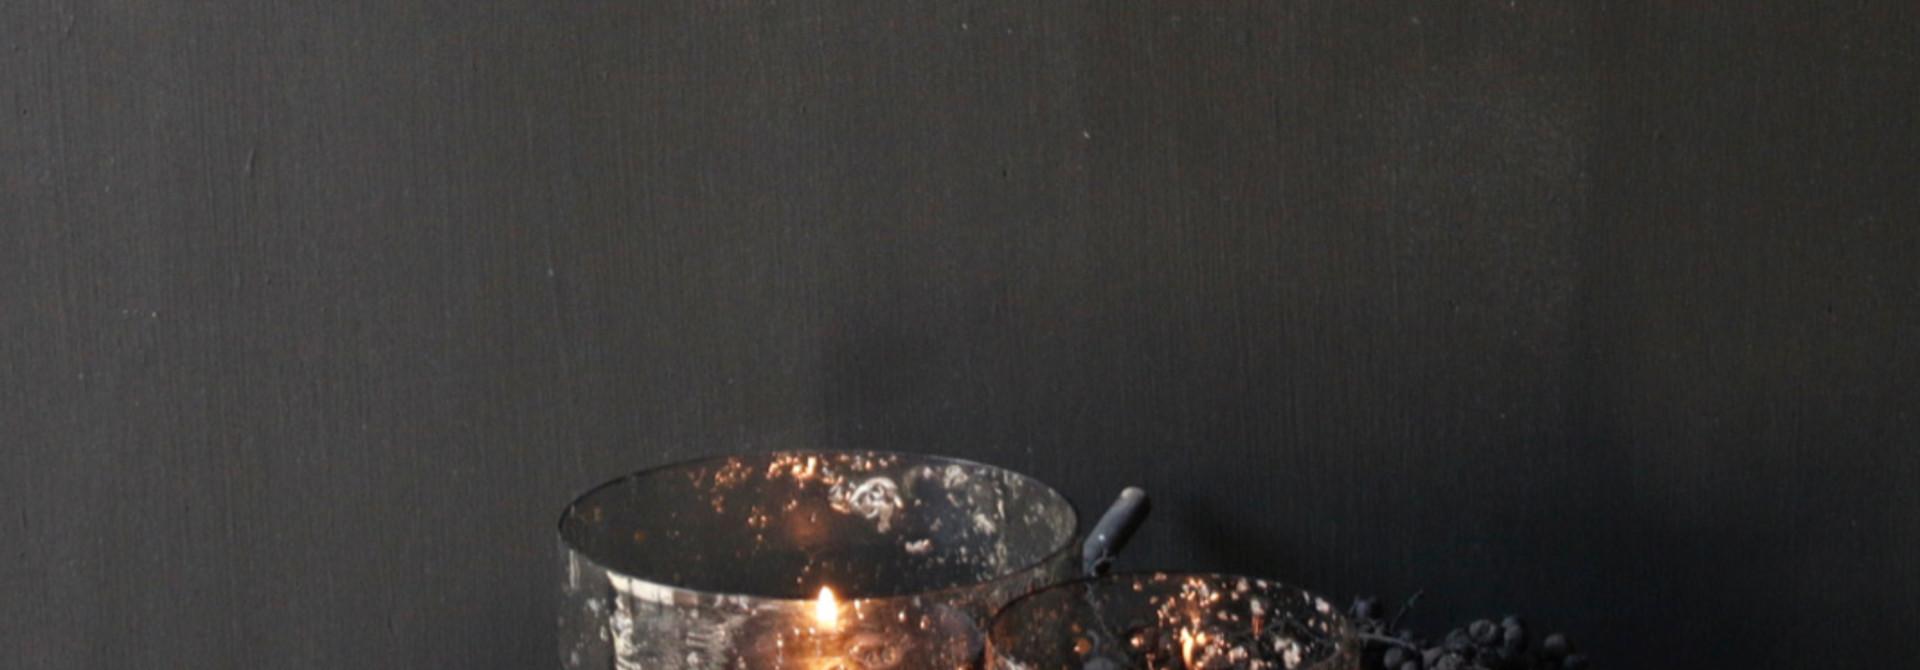 Glaslaternen mit Metallteilen in der Farbe grau